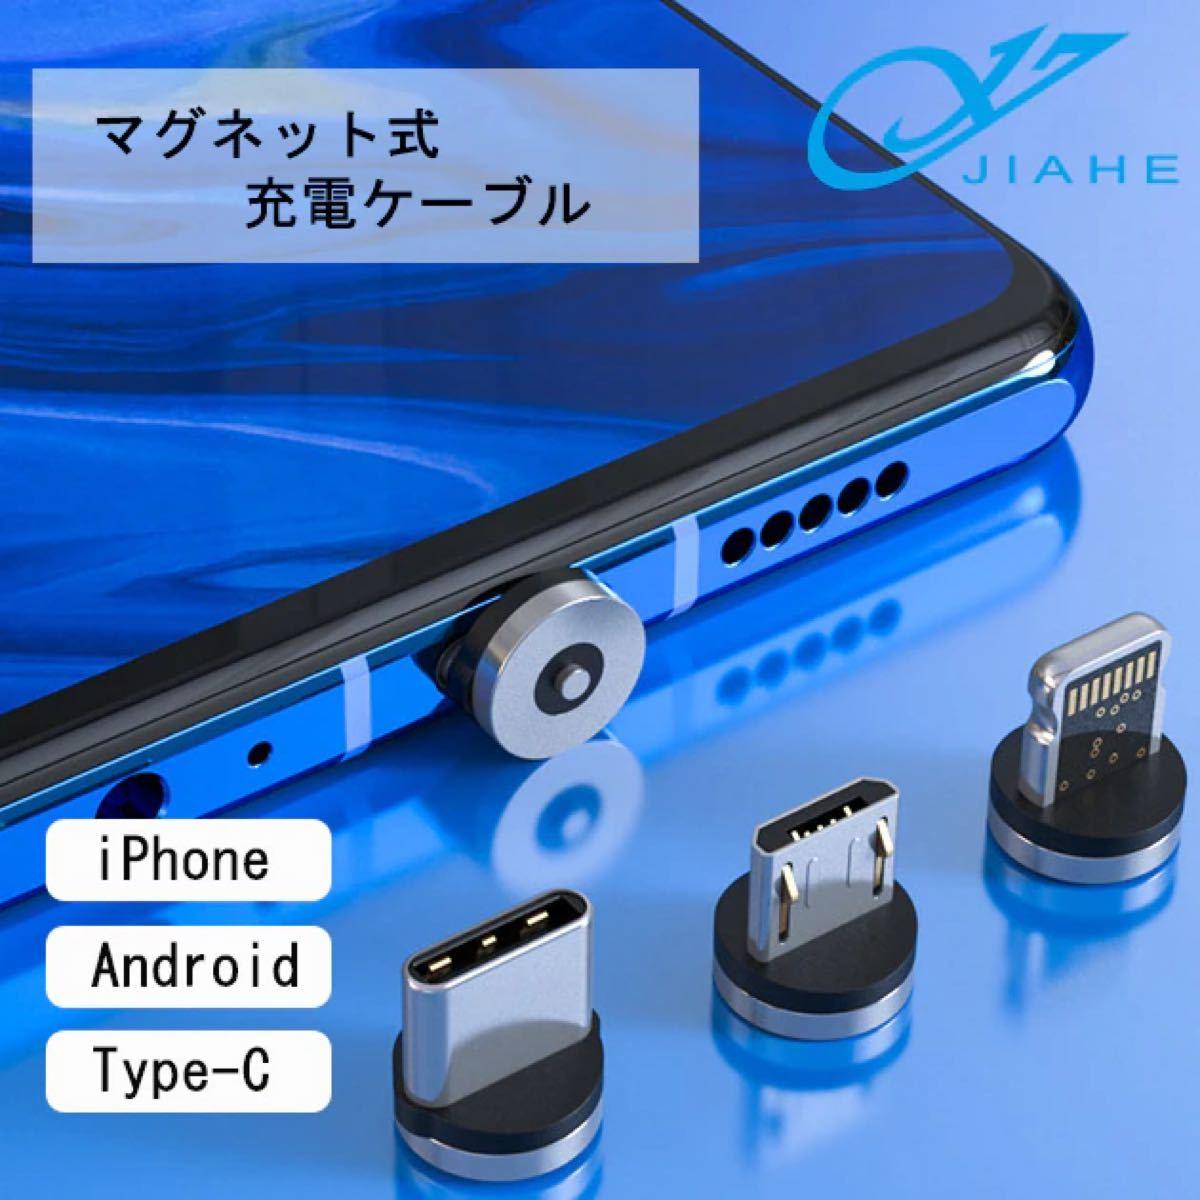 マグネット充電ケーブル 1M iPhone Android TYPE-C 急速充電 断線防止磁石式 ケーブル アイフォンケーブル